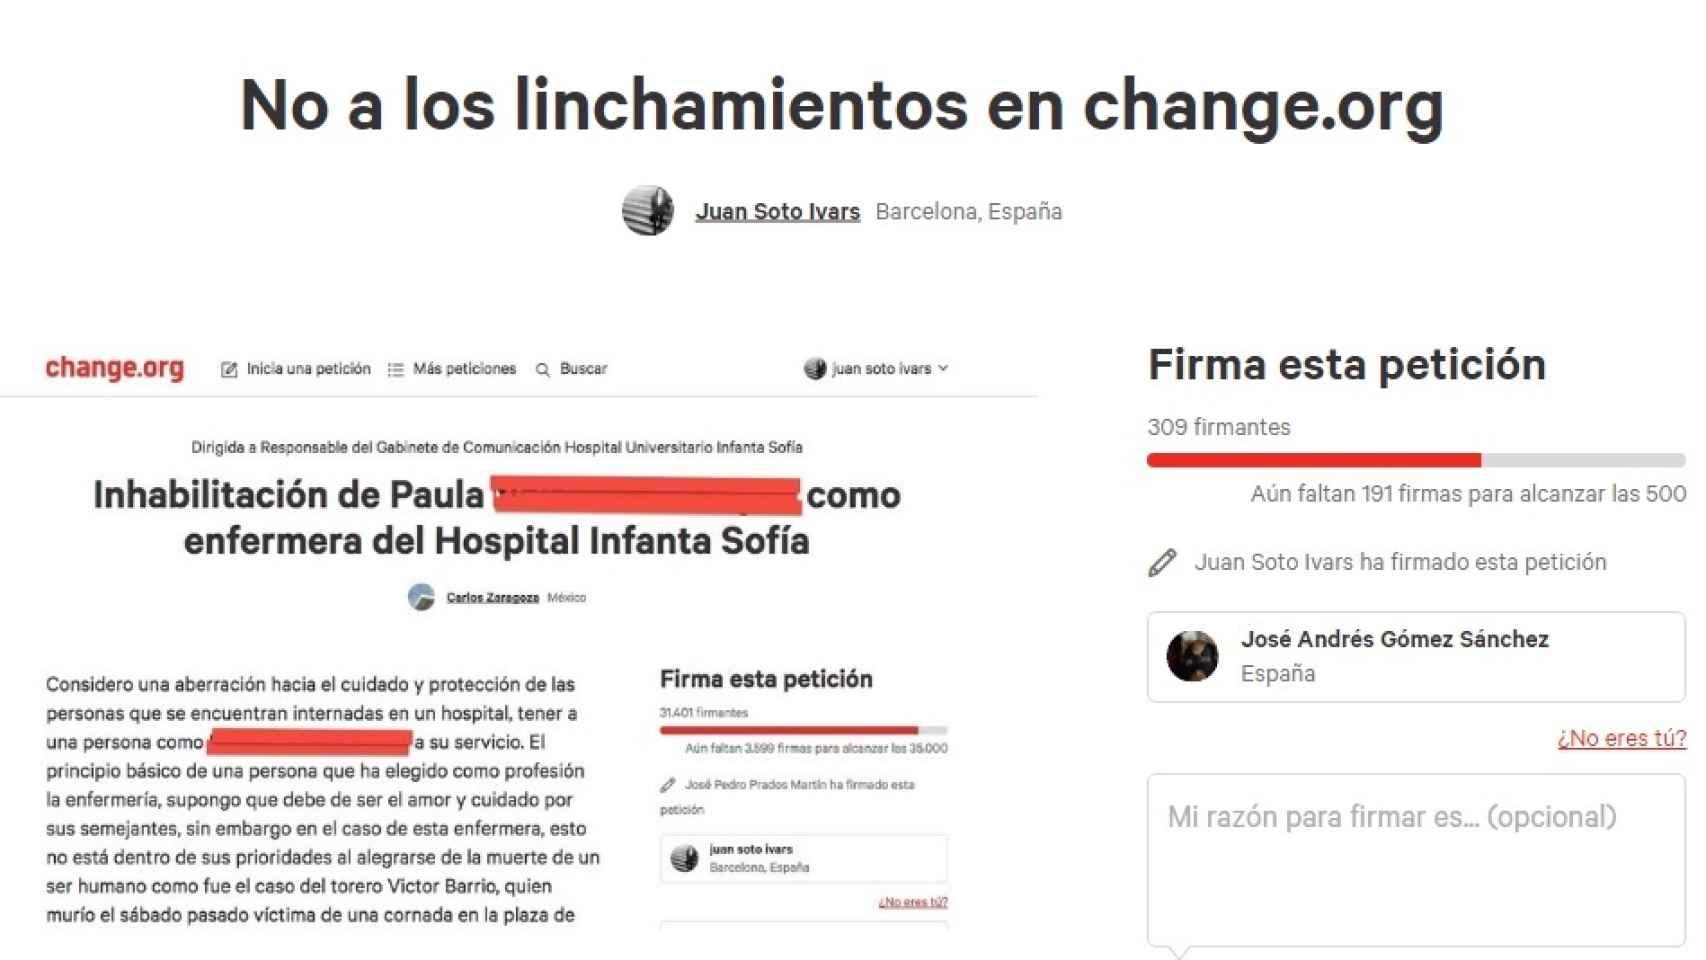 La petición que el periodista Juan Soto Ivars ha creado en Change.org.